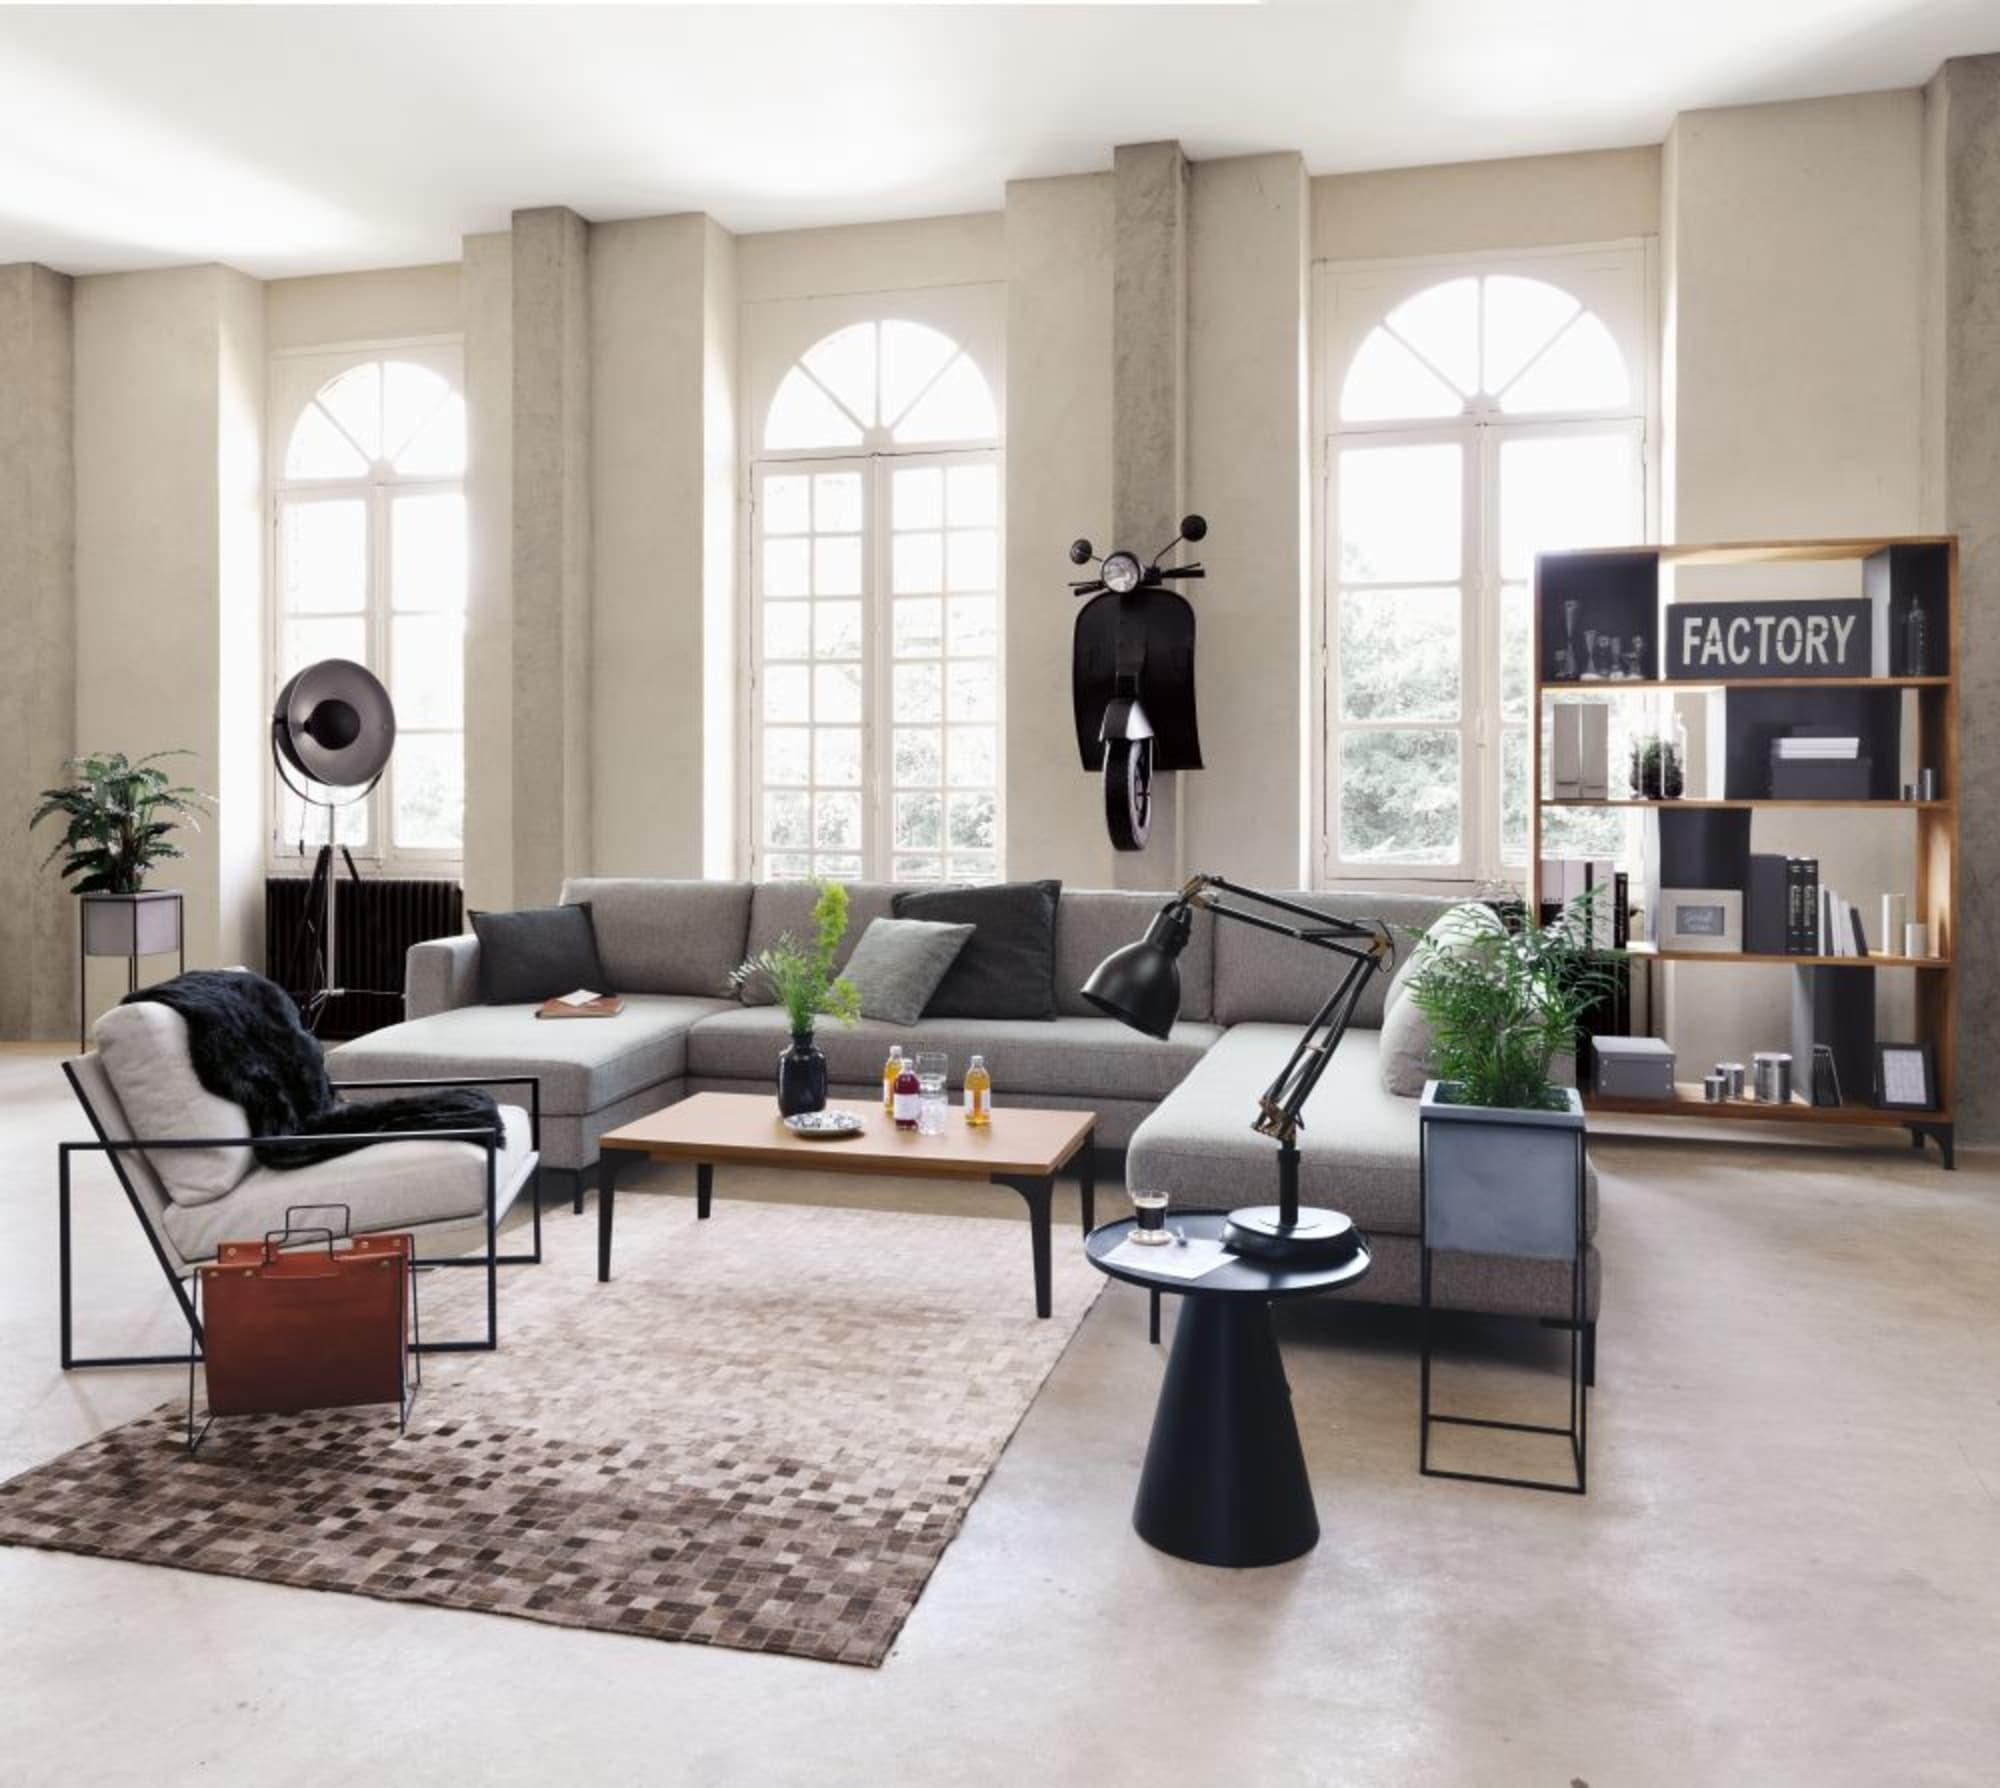 Đèn sàn studio Phera sẽ là lựa chọn để thổi hồn nghệ thuật vào không gian của bạn